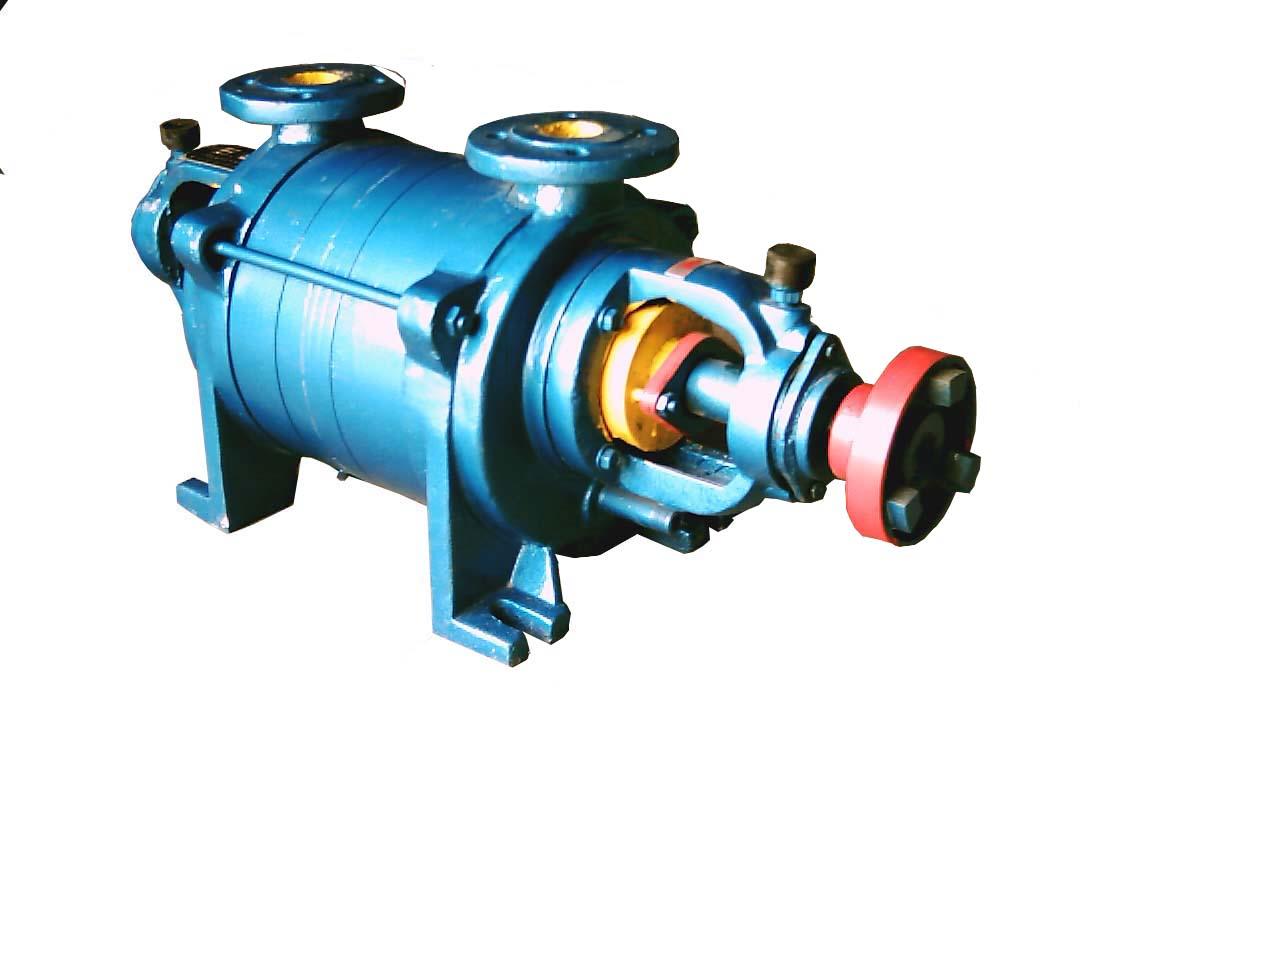 cwb磁力旋涡泵产品特点      磁力旋涡泵采用磁力传动结构,保证能